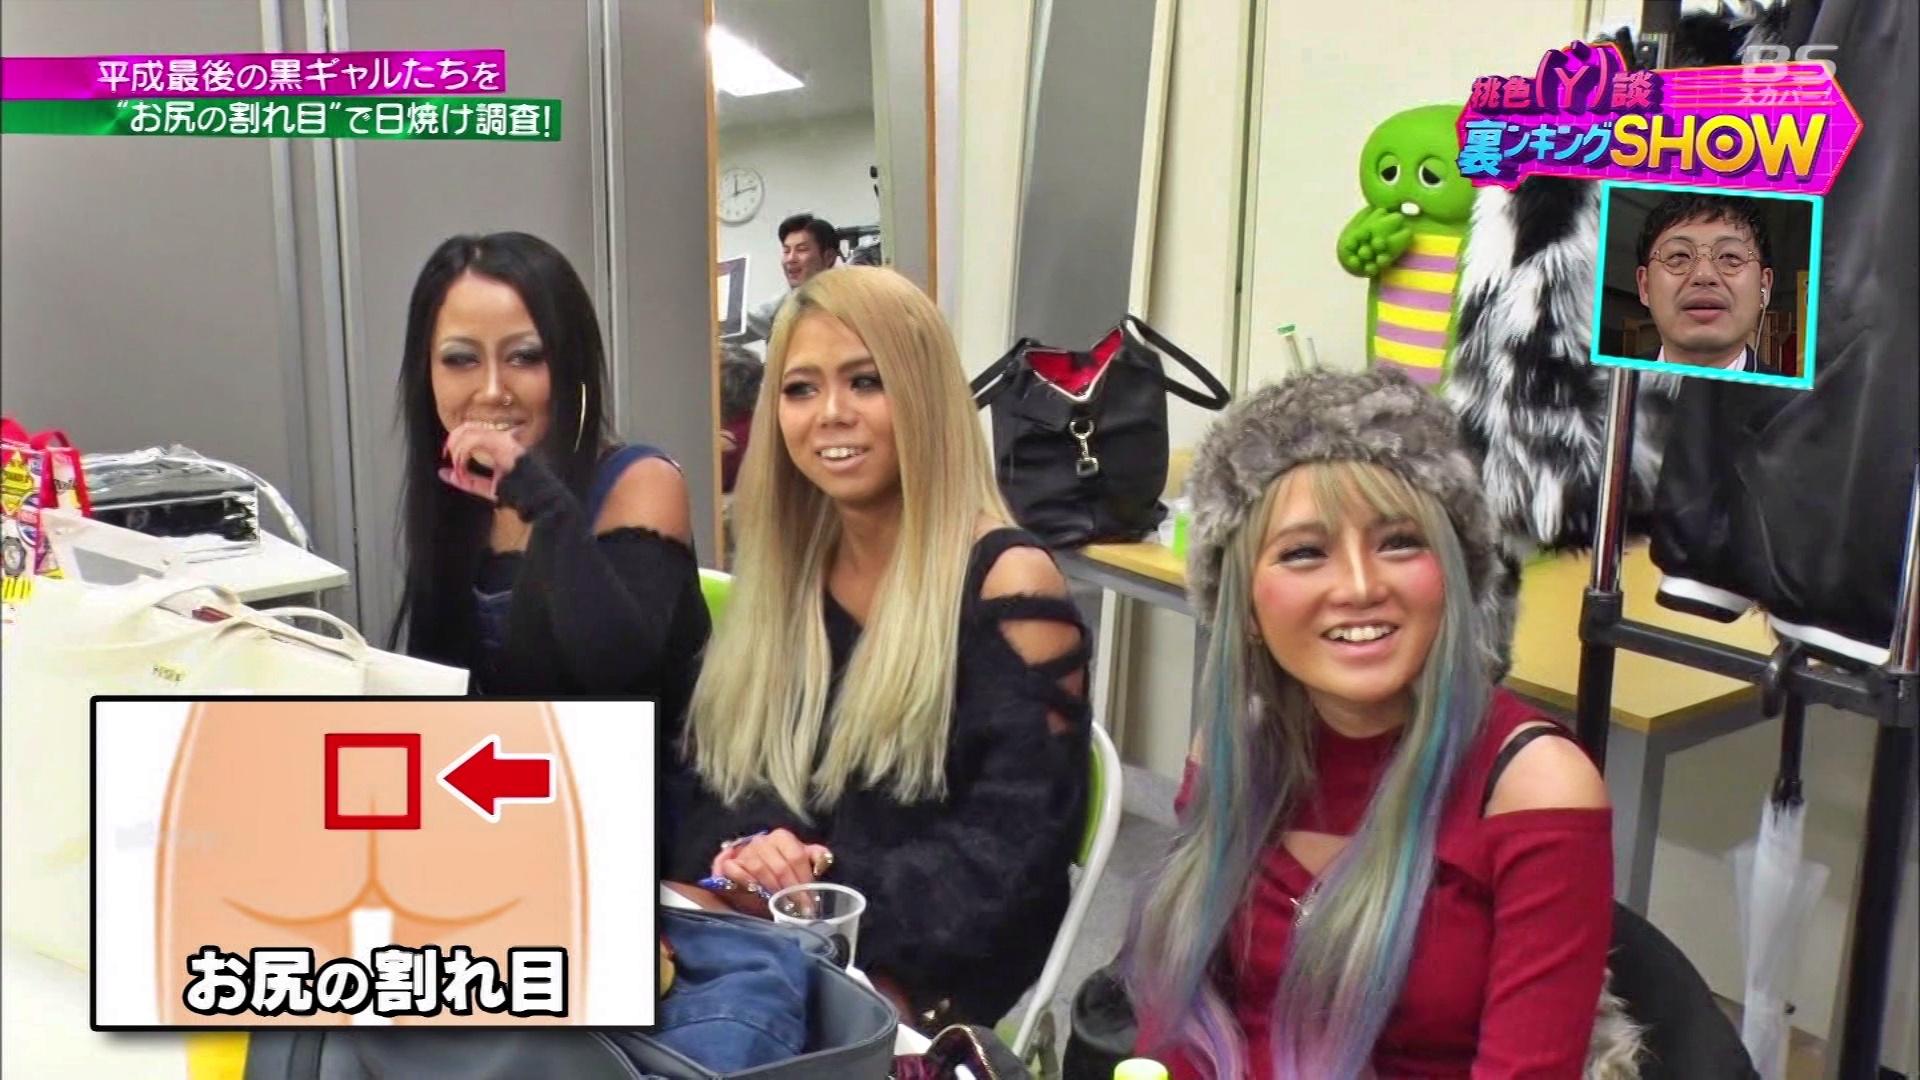 桃色Y談裏ンキングSHOW#9「黒ギャル日焼けクイーン」のテレビキャプチャー画像-005